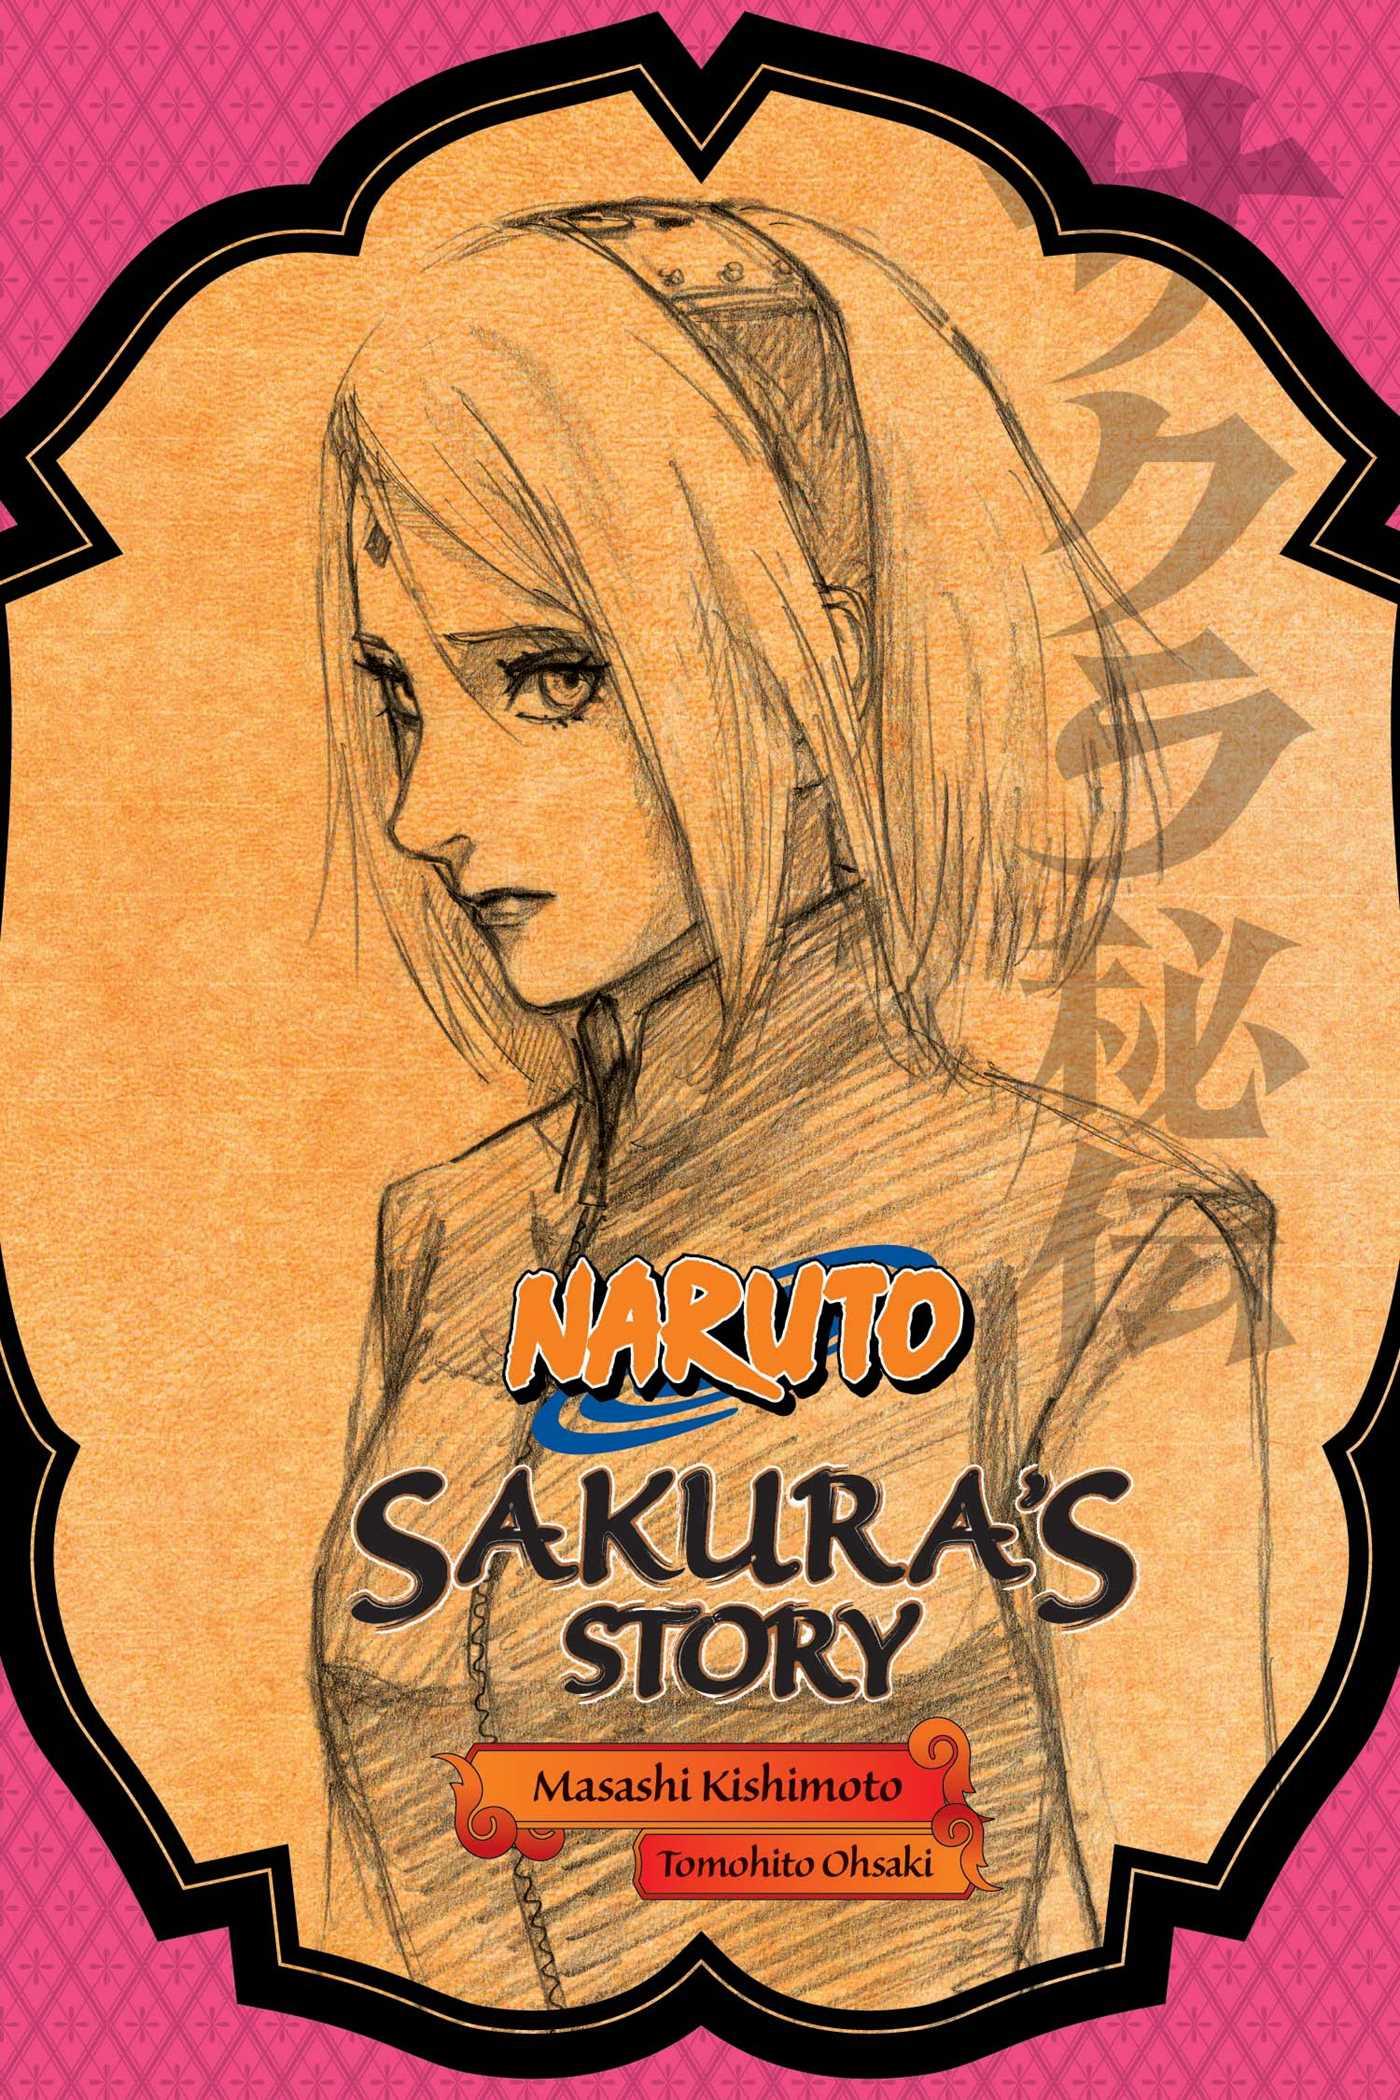 A Sakura Story Sri Lanka: Naruto Sakura's Story Novel